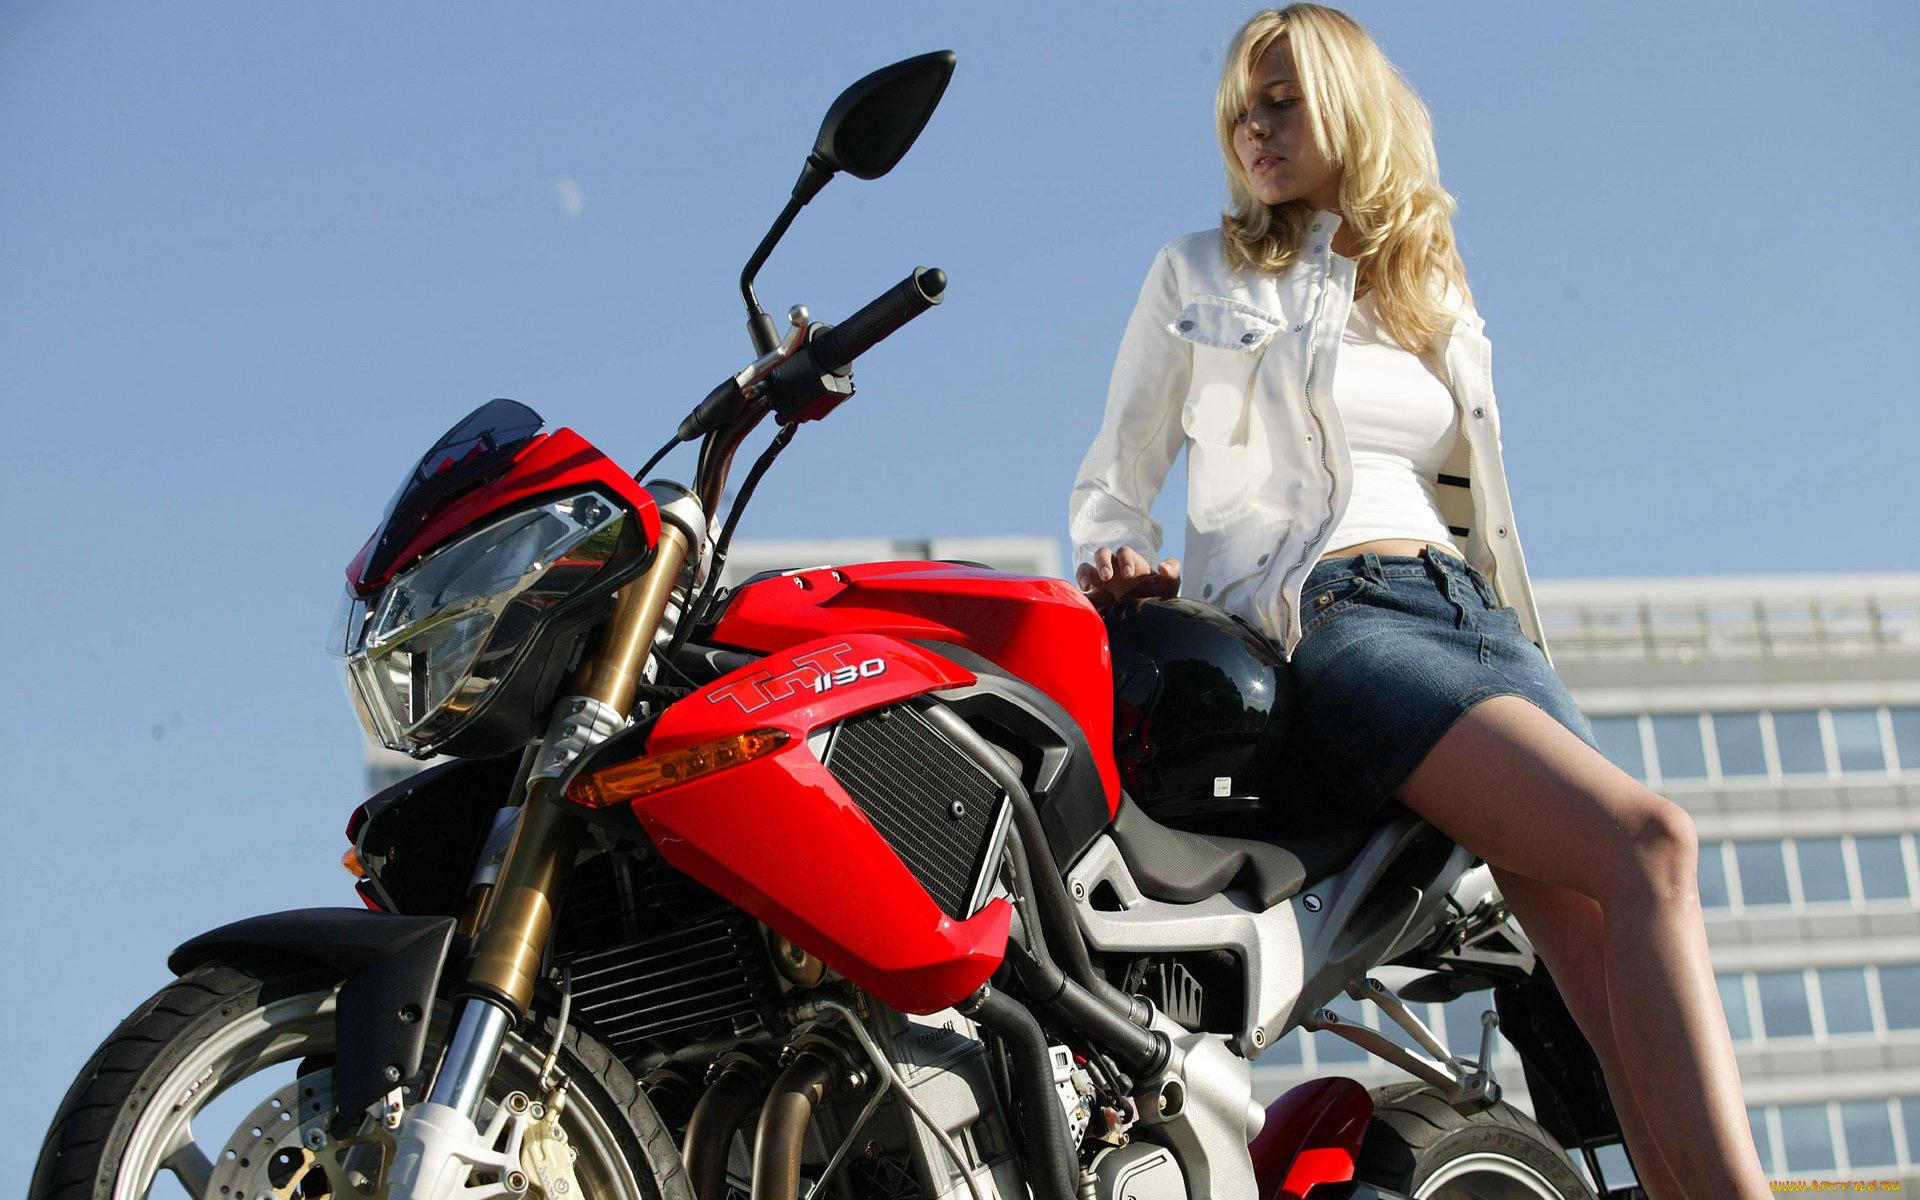 блондинки на мотоцикле фото мире существует